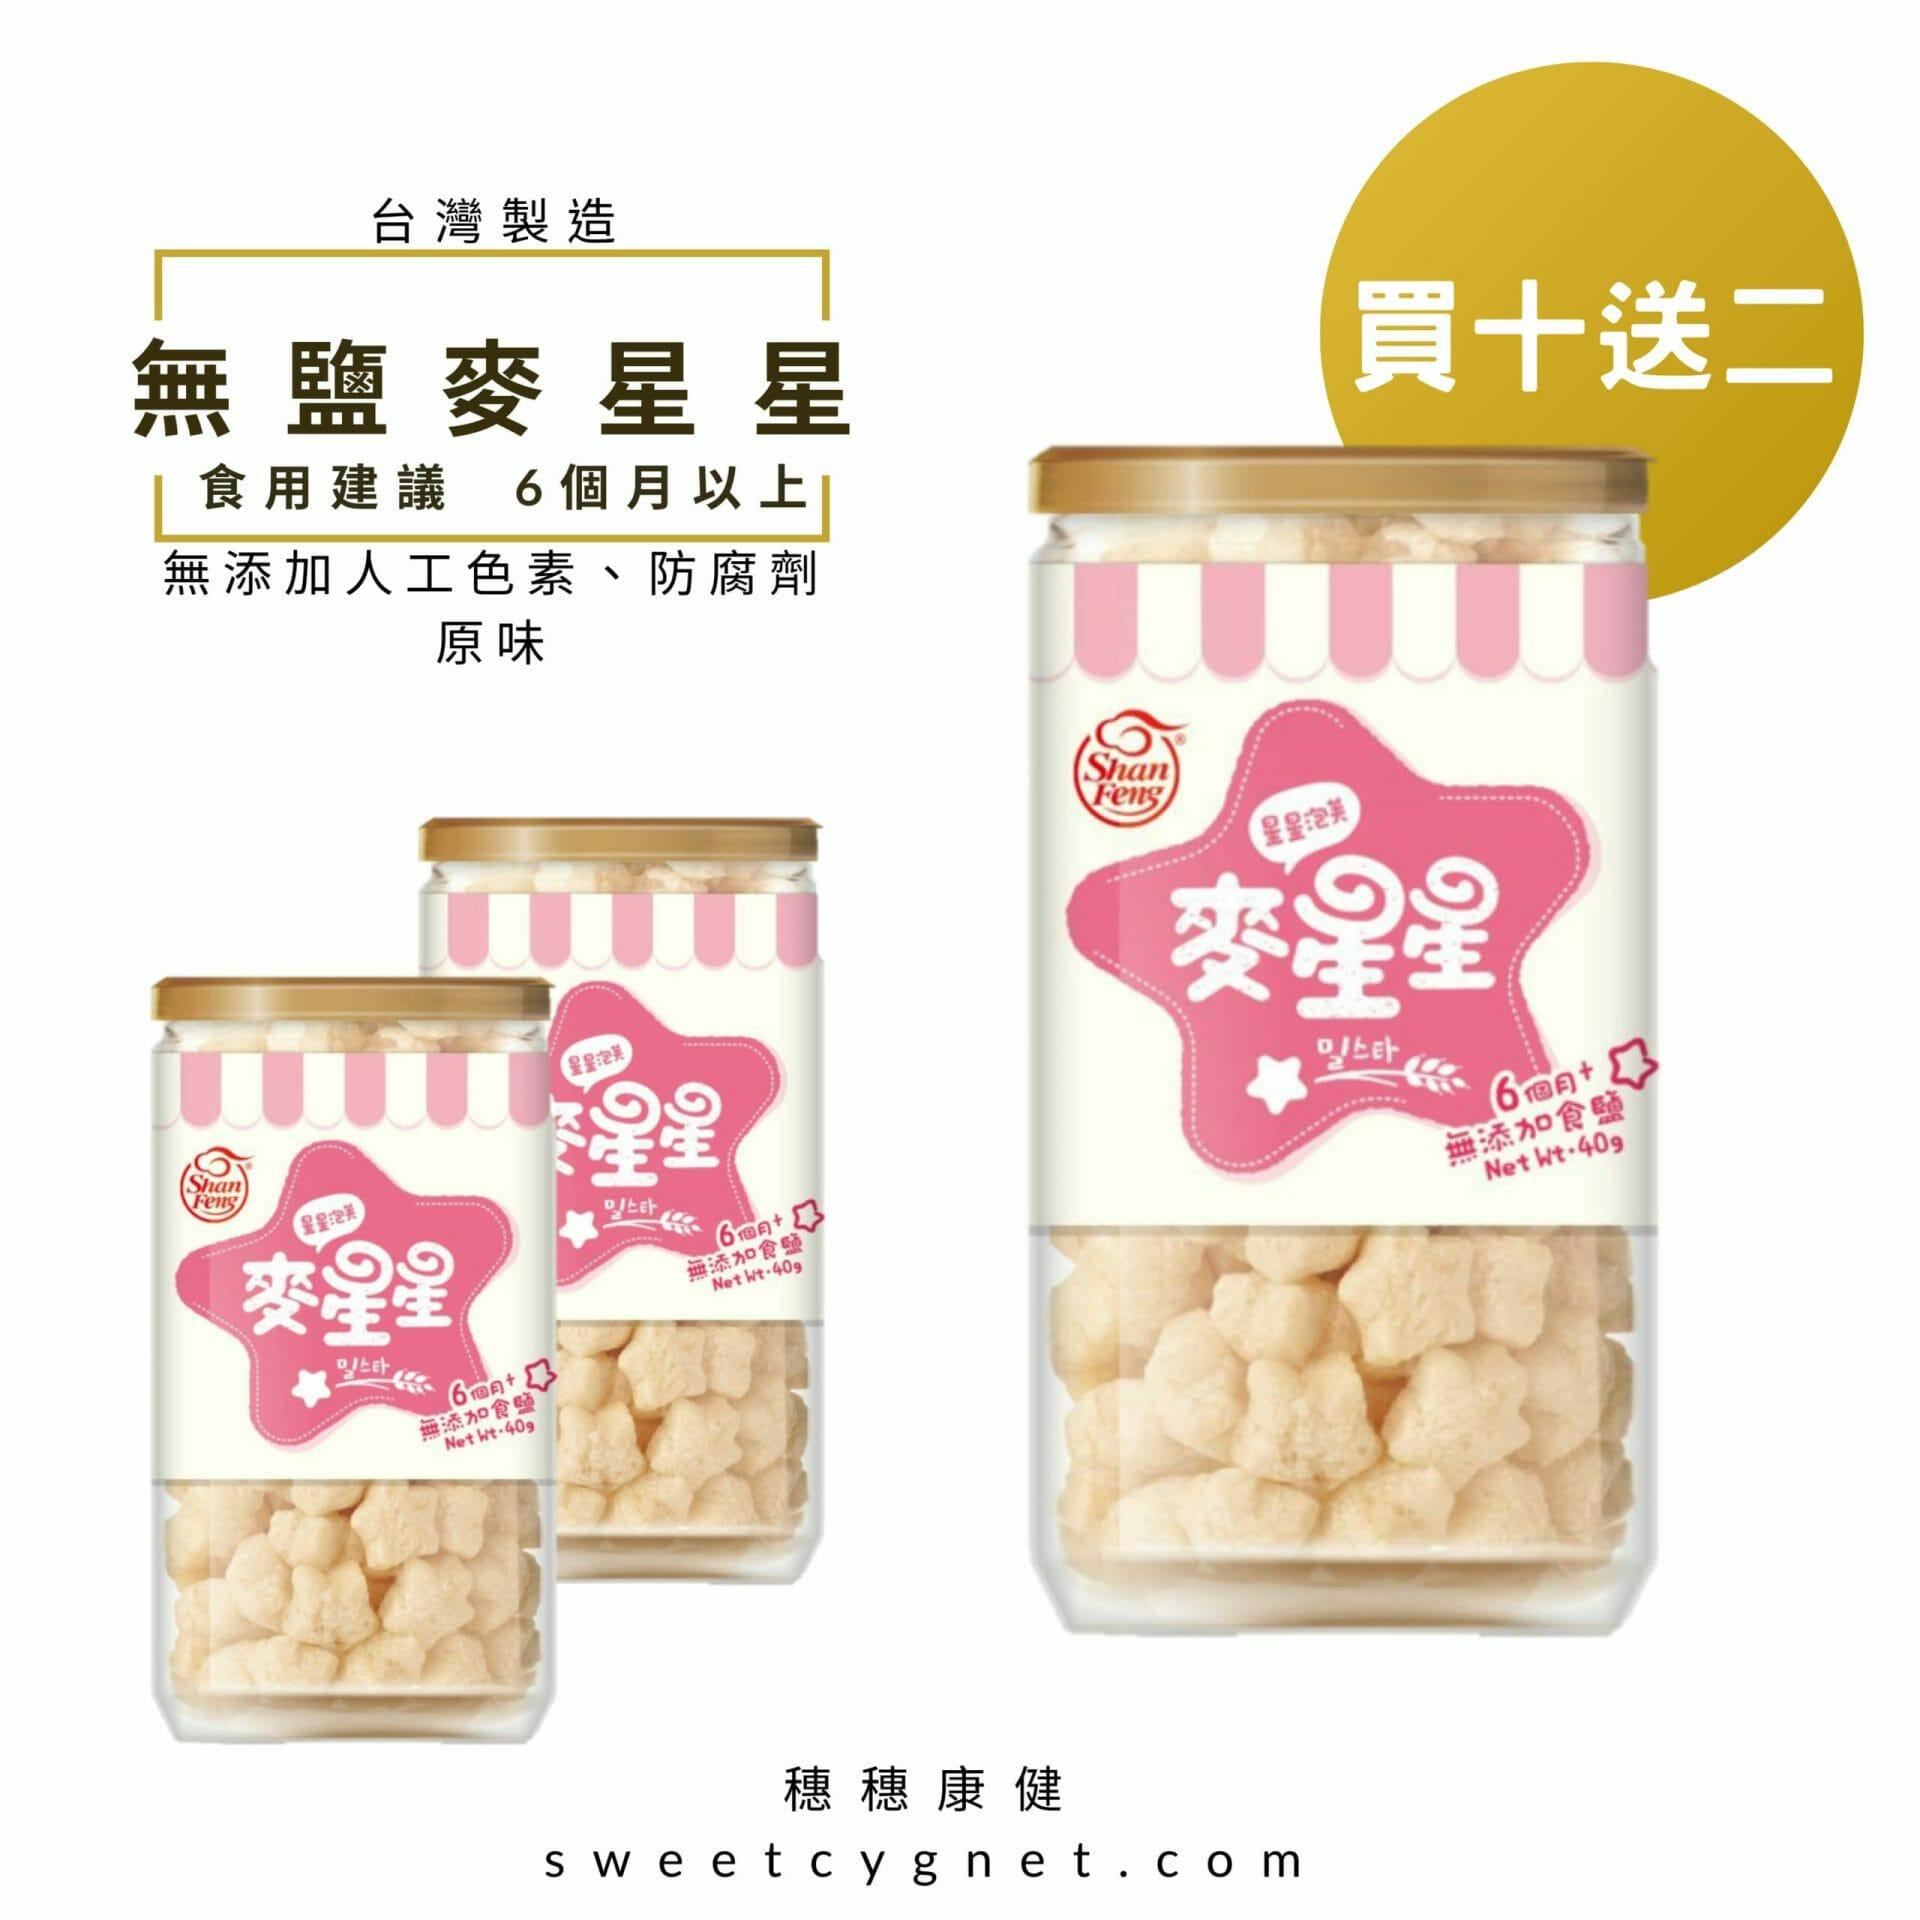 麥星星-小麥原味-40g (12罐入) - 10